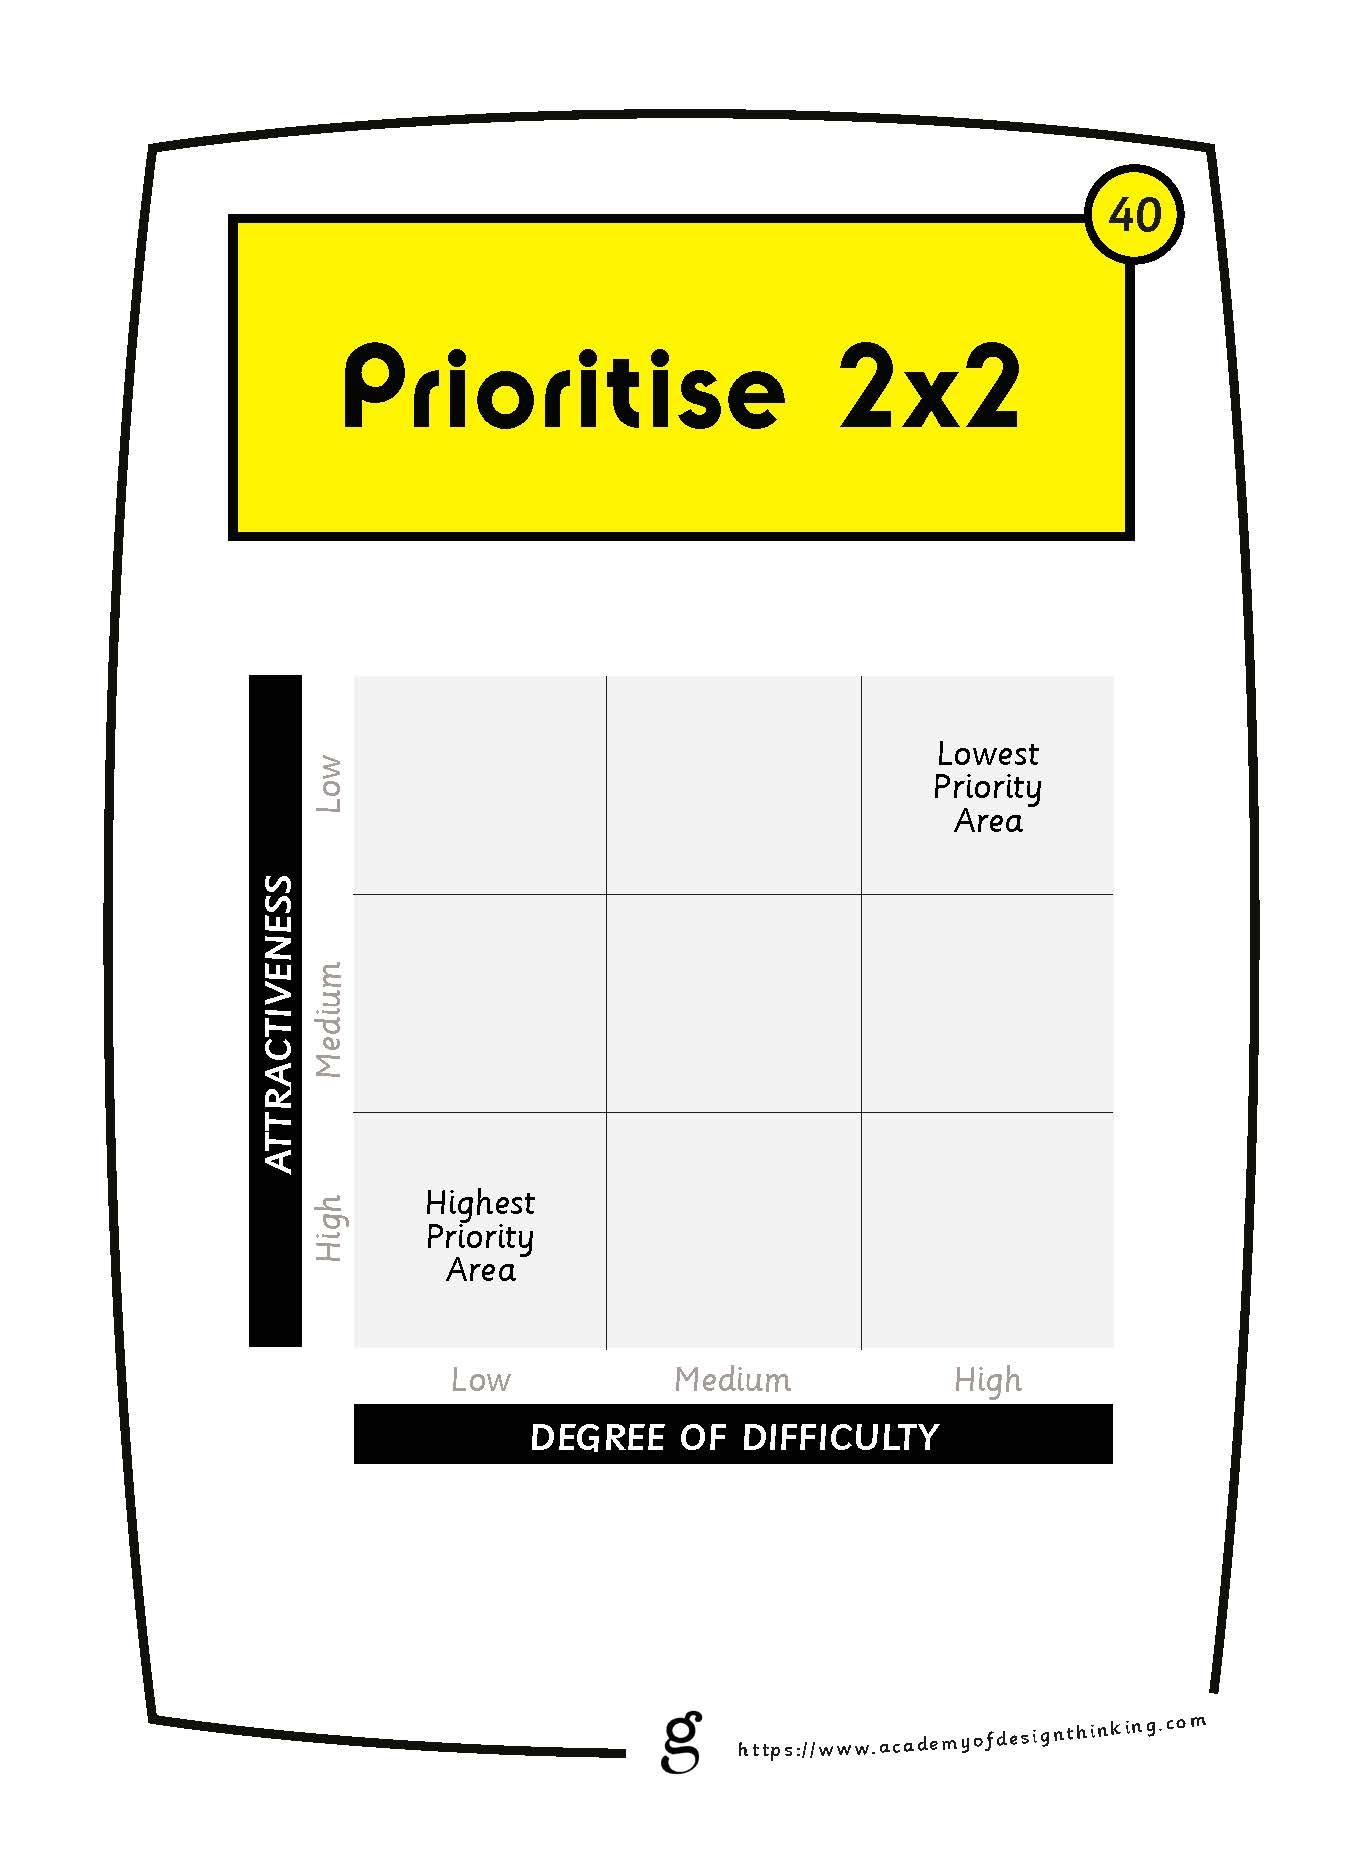 Prioritise 2x2